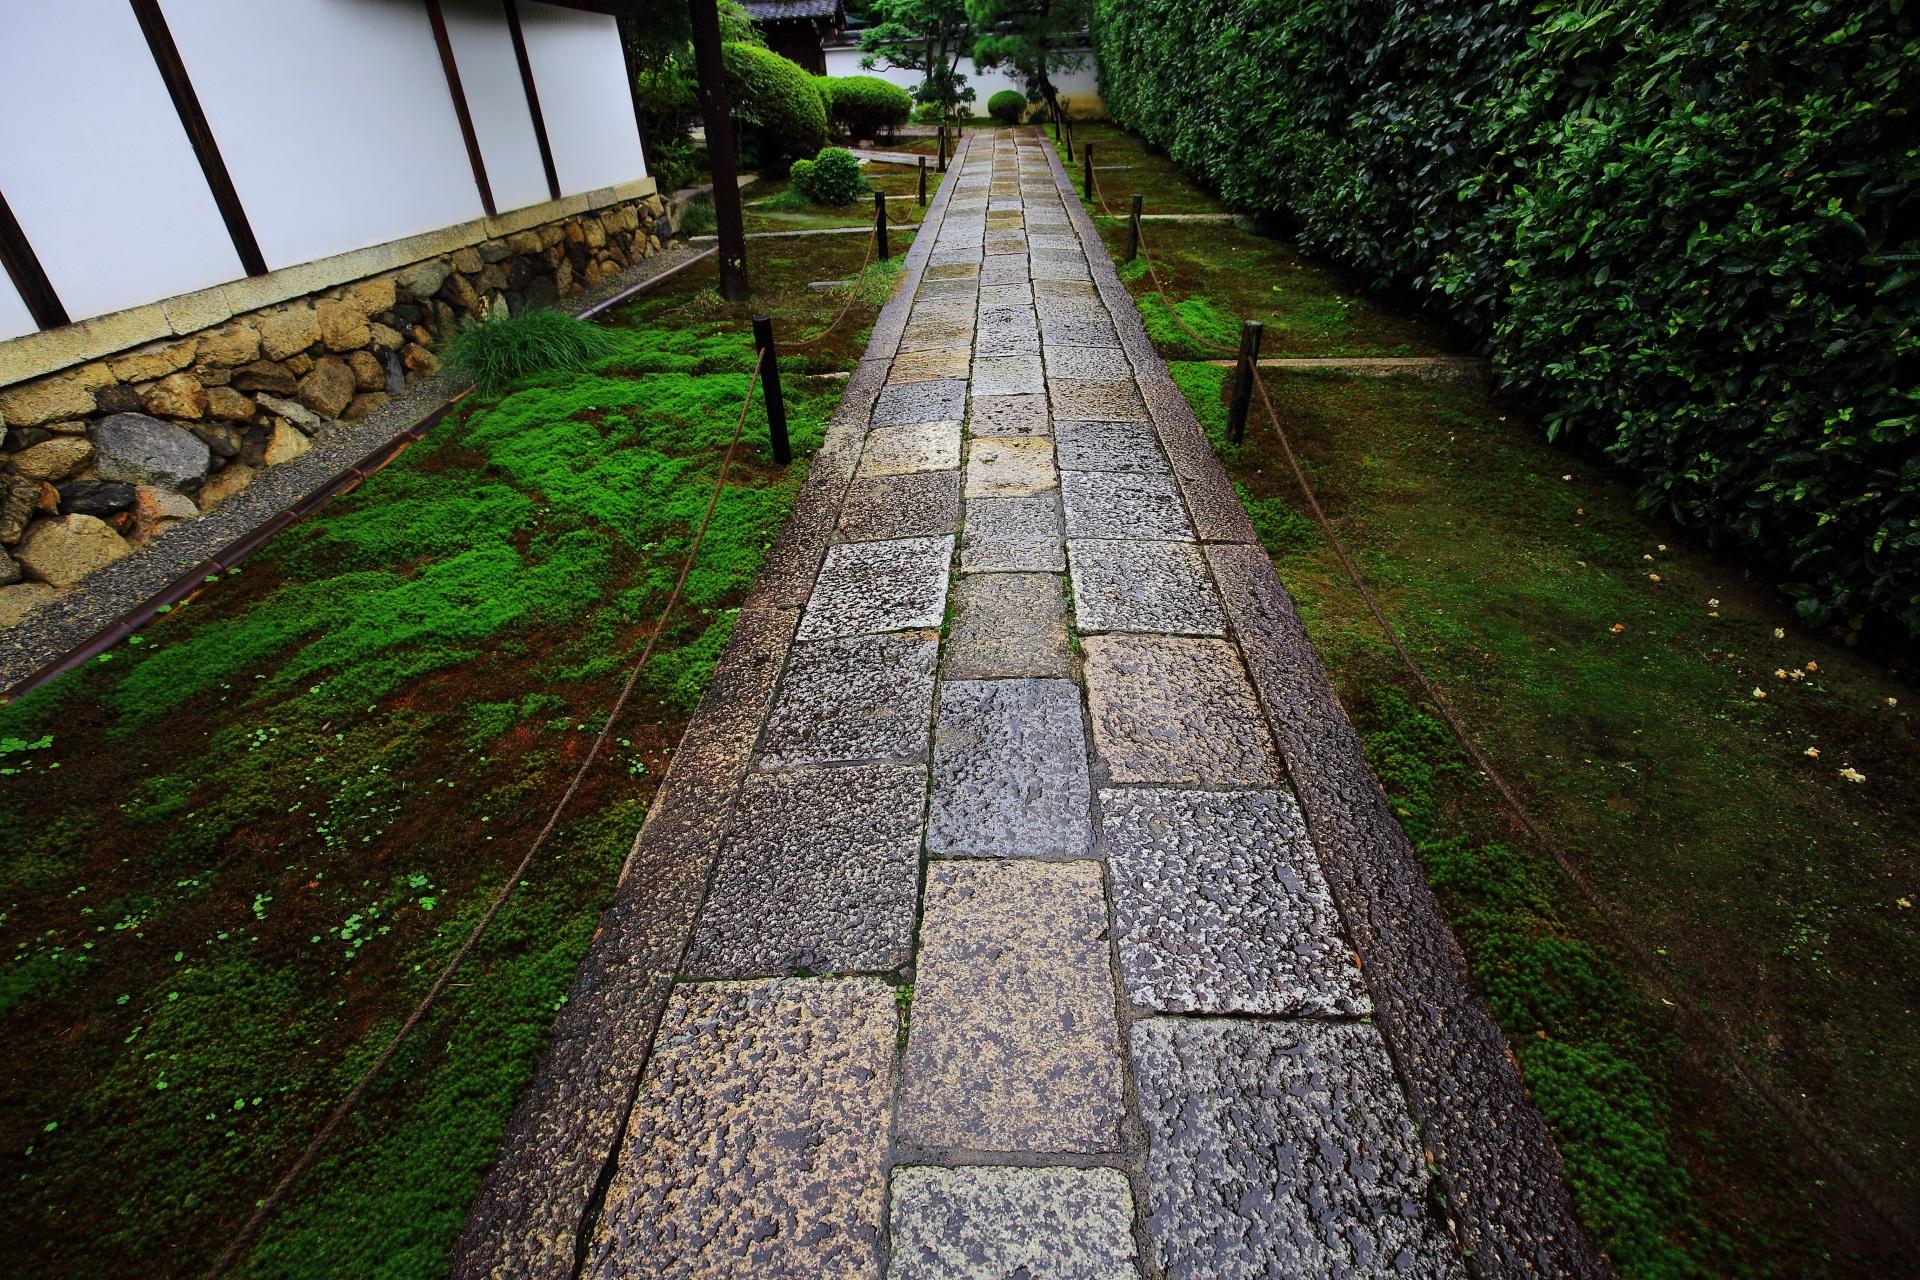 雪舟寺とも呼ばれる芬陀院の石畳の参道